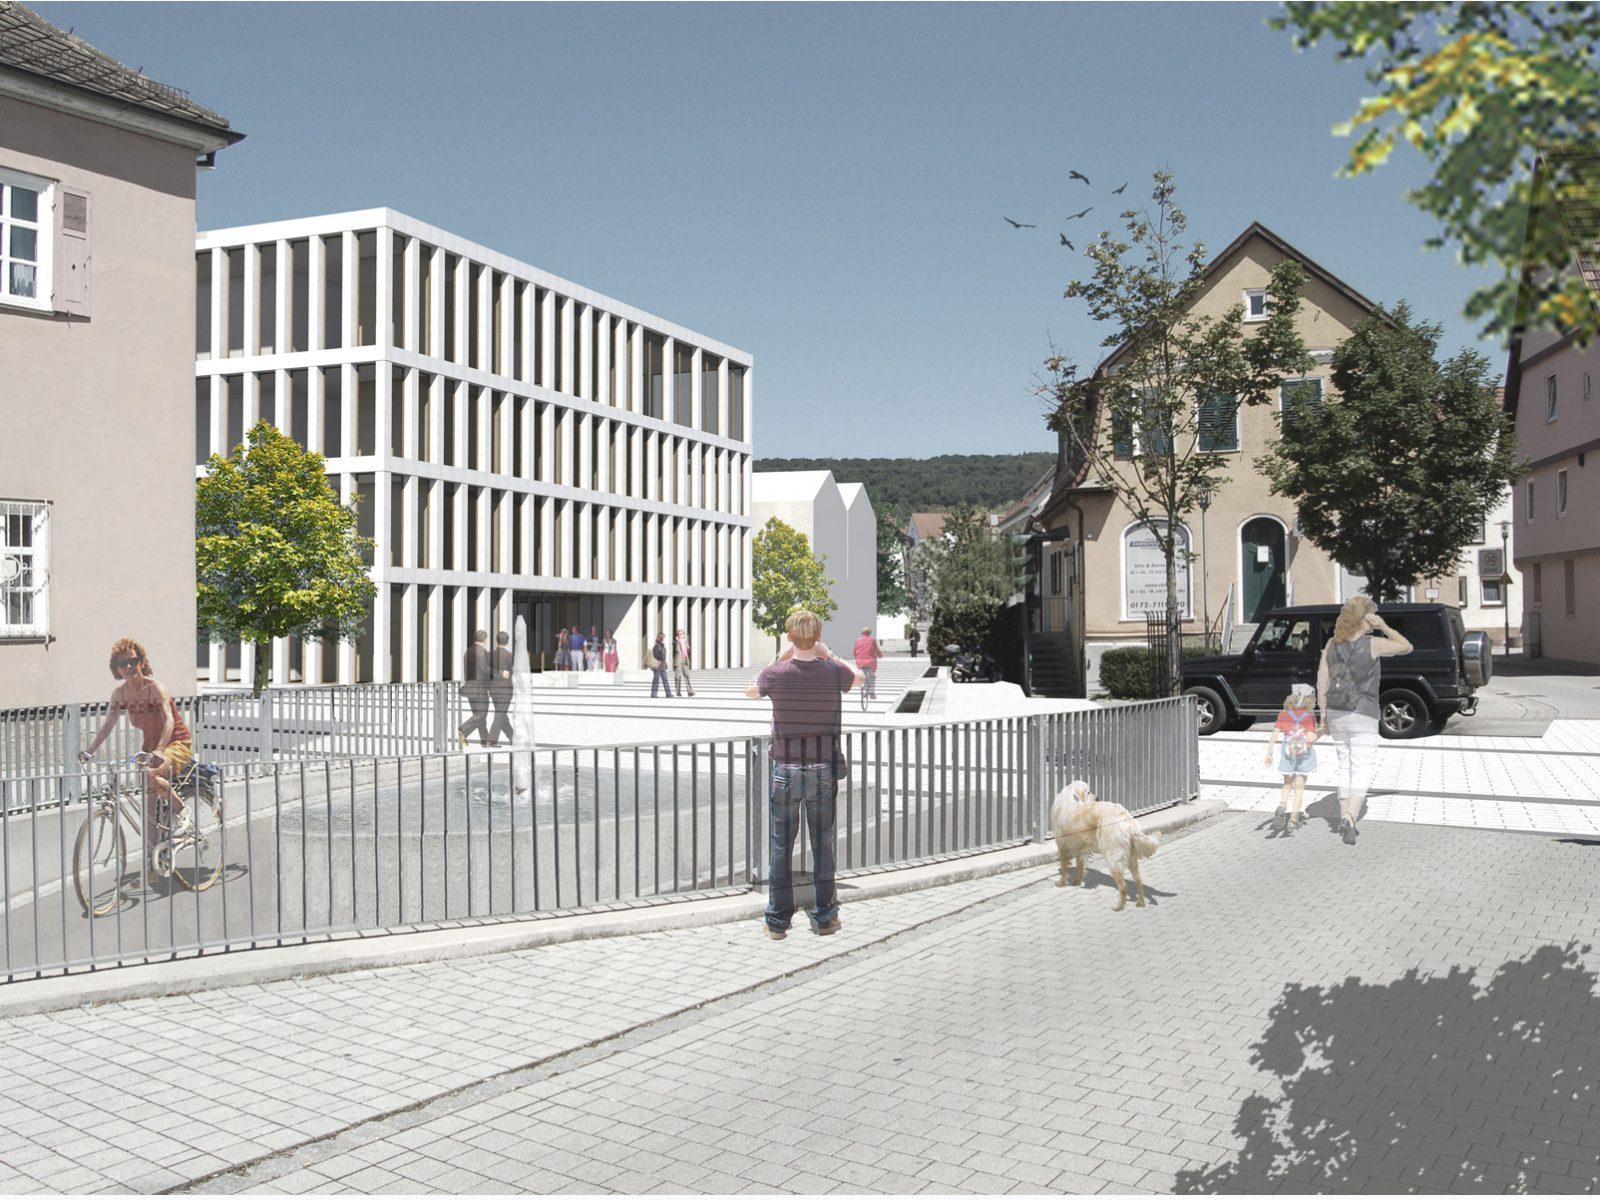 Perspektive-Wettbewerb-Rathaus Altbach-Anerkennung-2016-© Friedrich-Poerschke-Zwink-Architekten